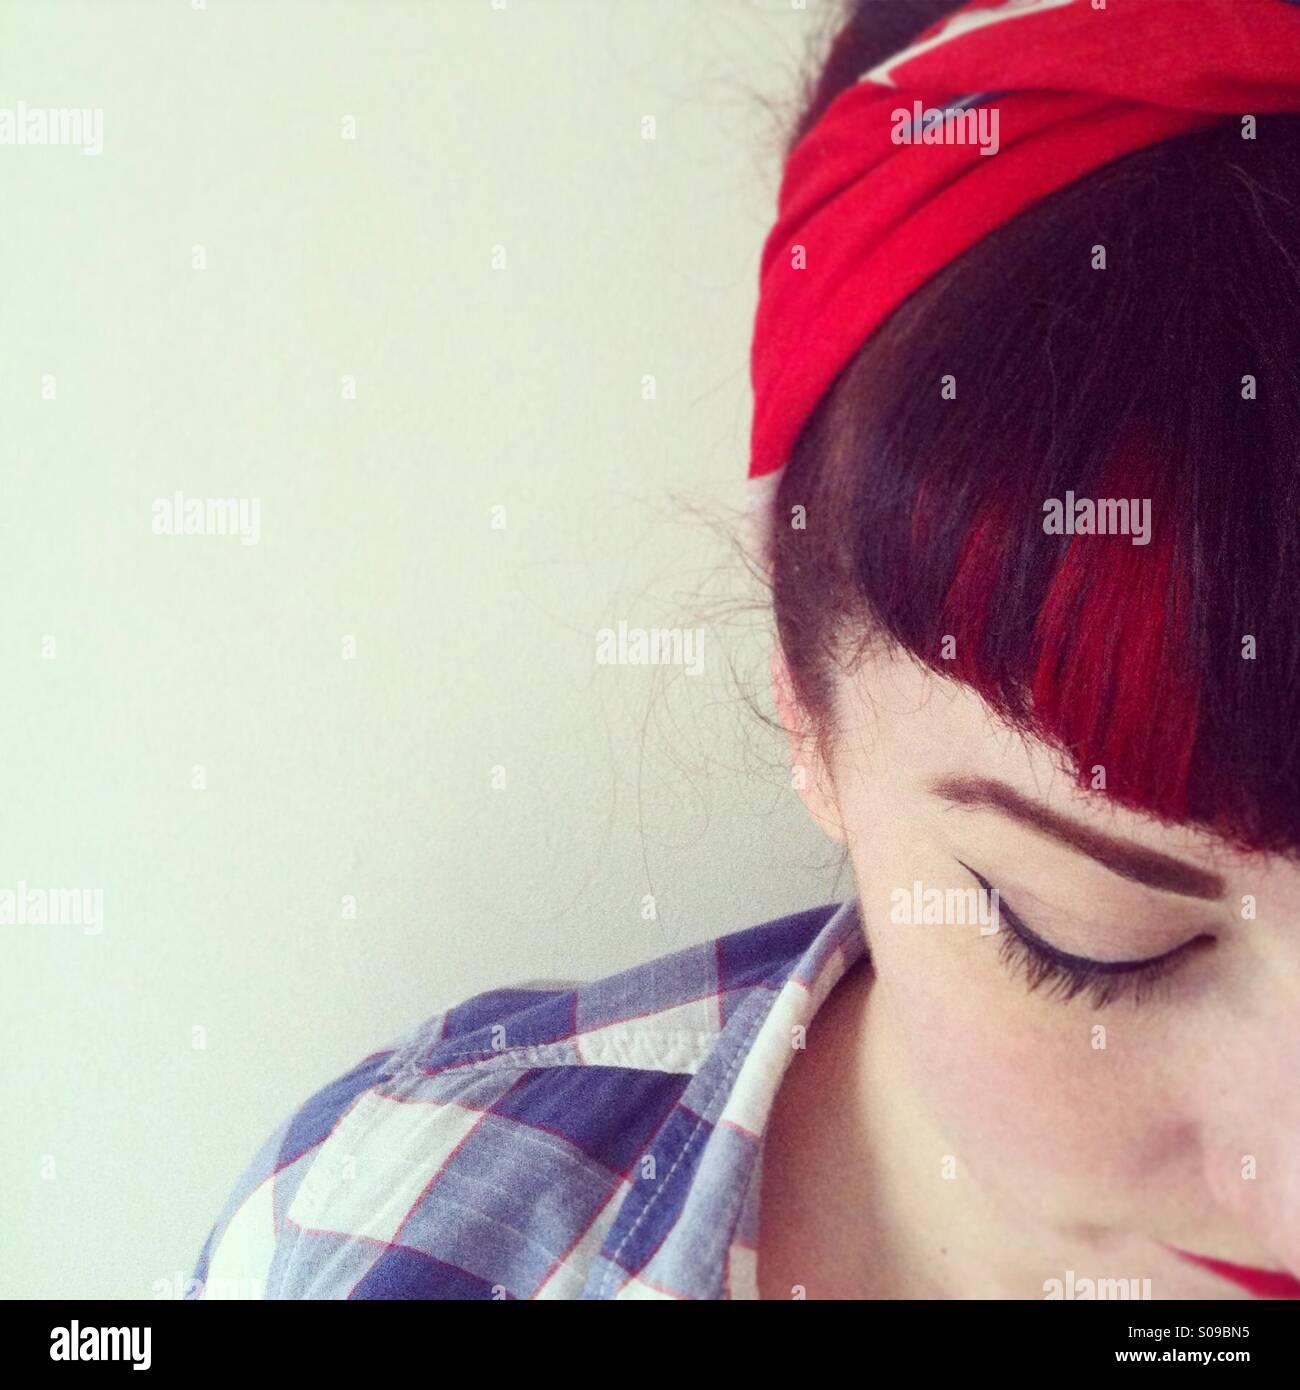 Off-Center-Porträt einer Frau mit Kopftuch und kariertes Hemd Stockbild